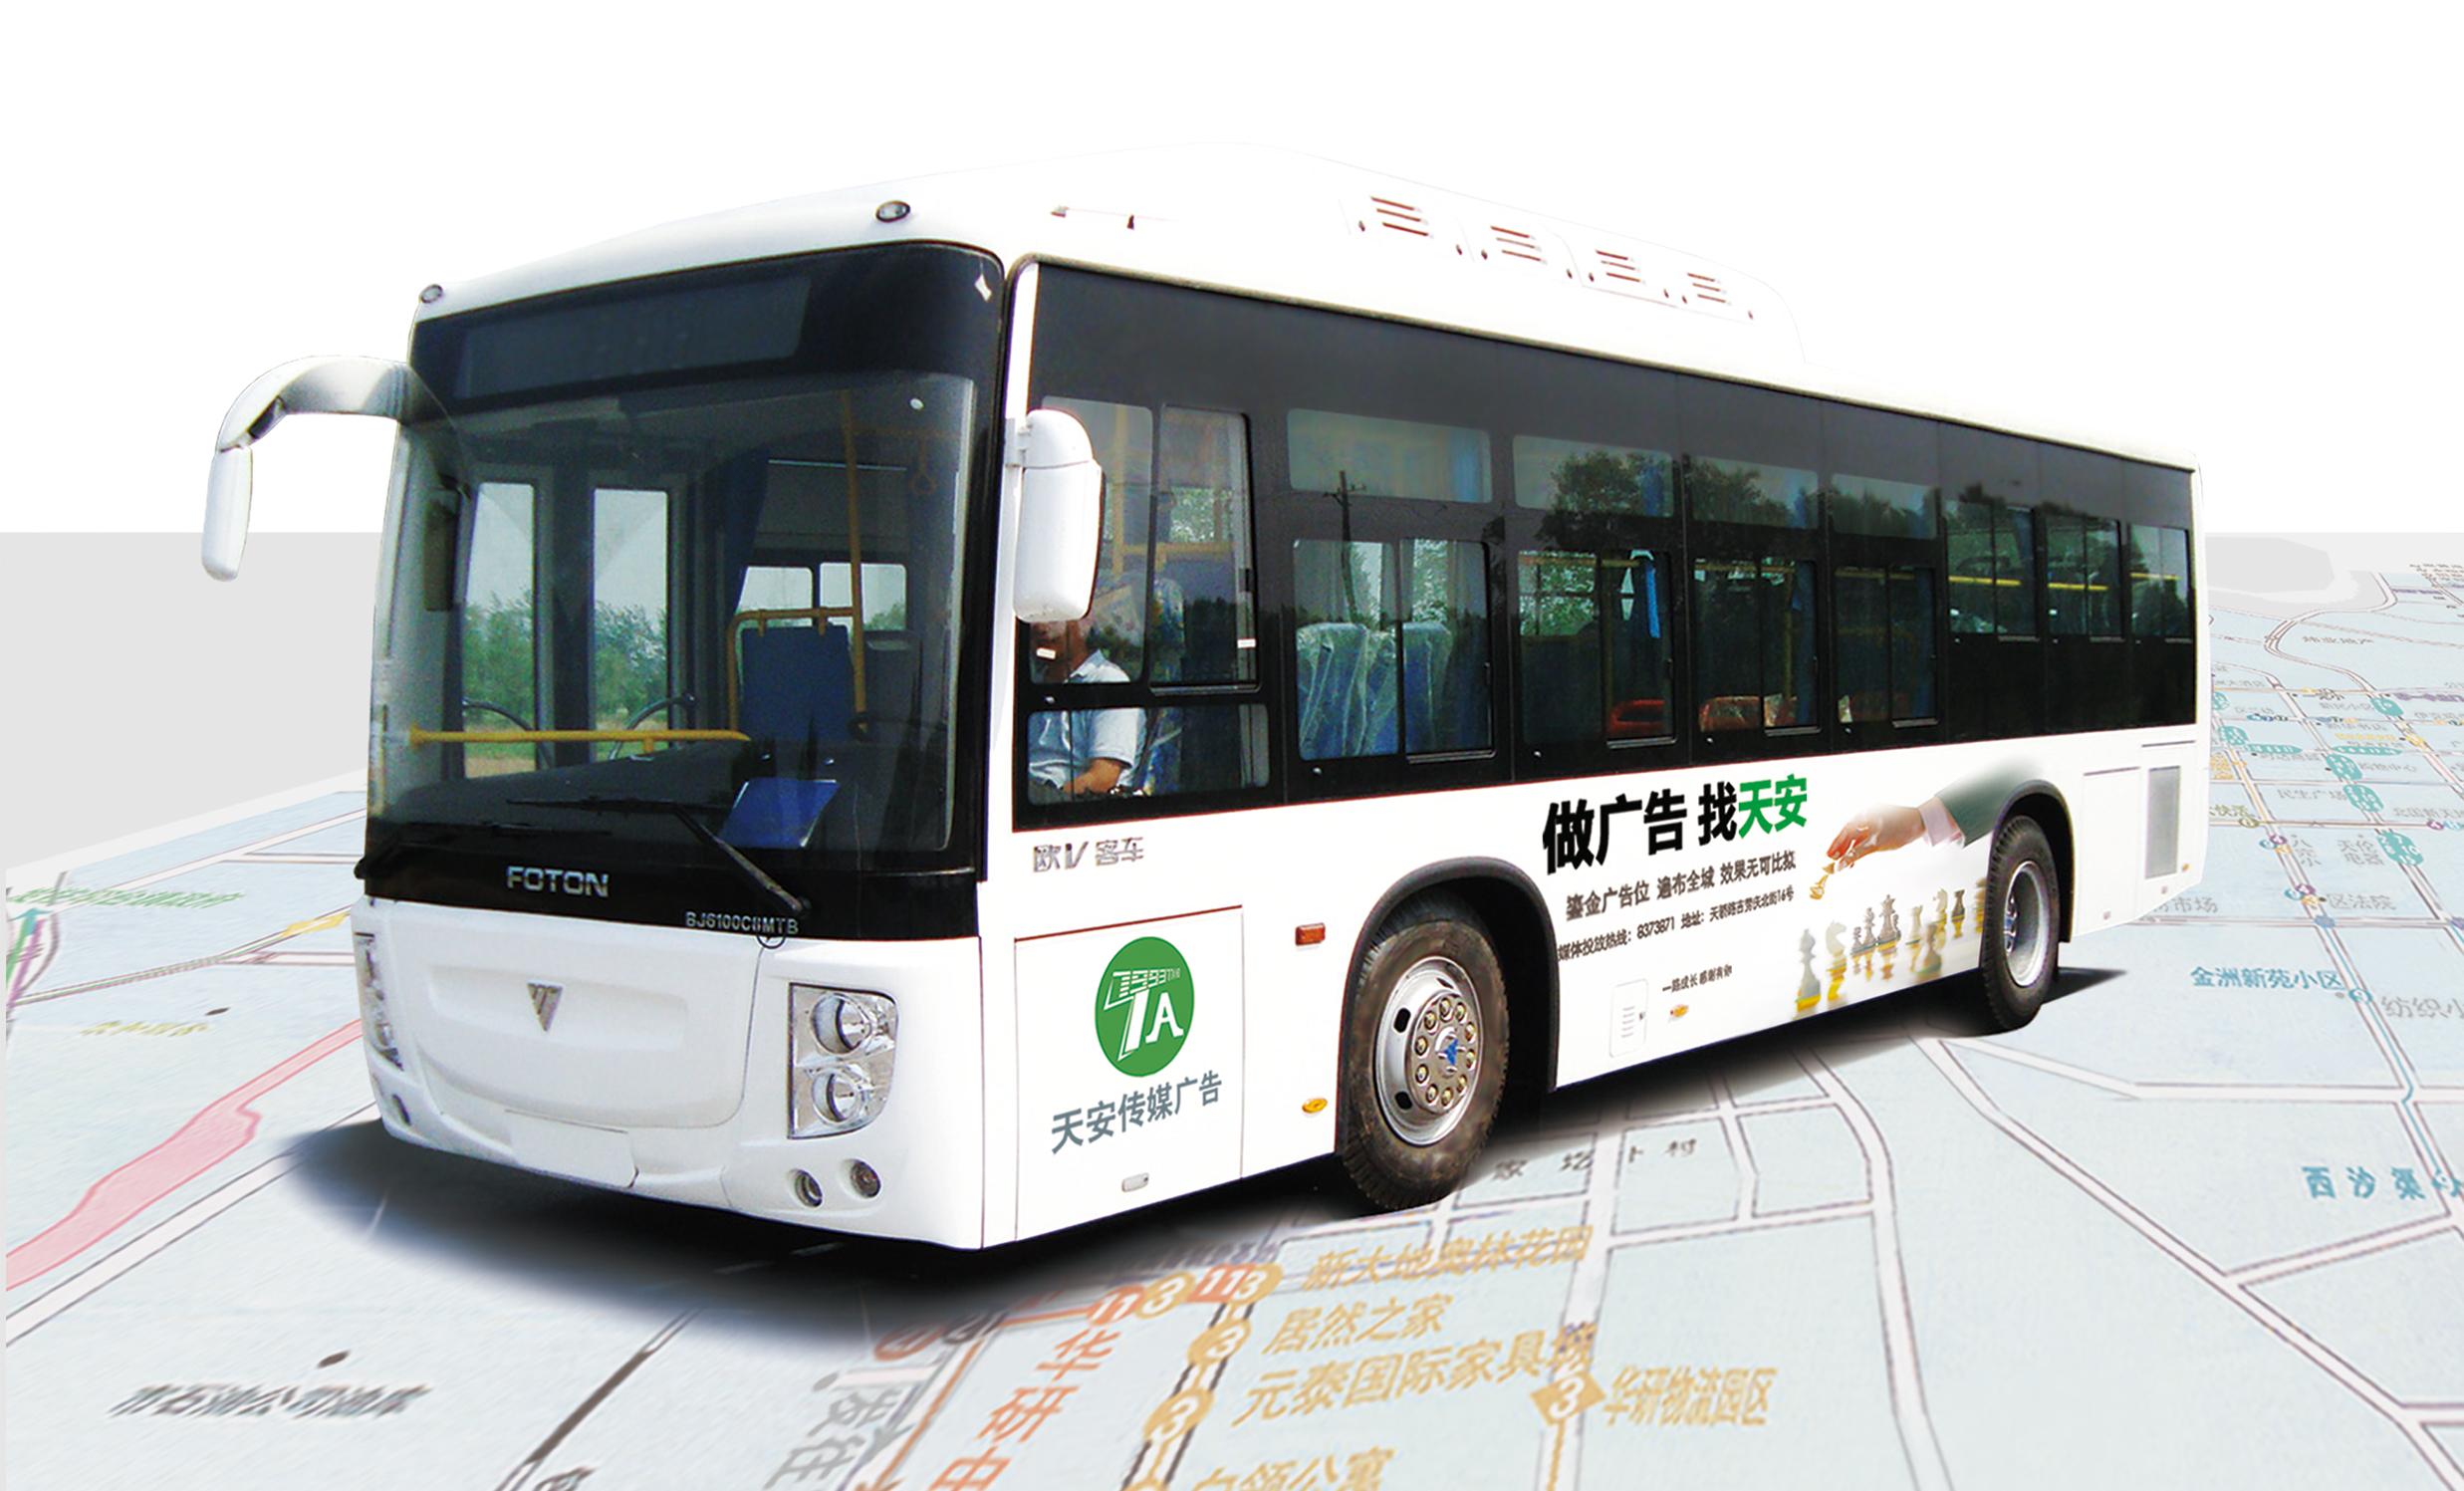 鄂尔多斯市东胜区公交车车身广告 -易播网